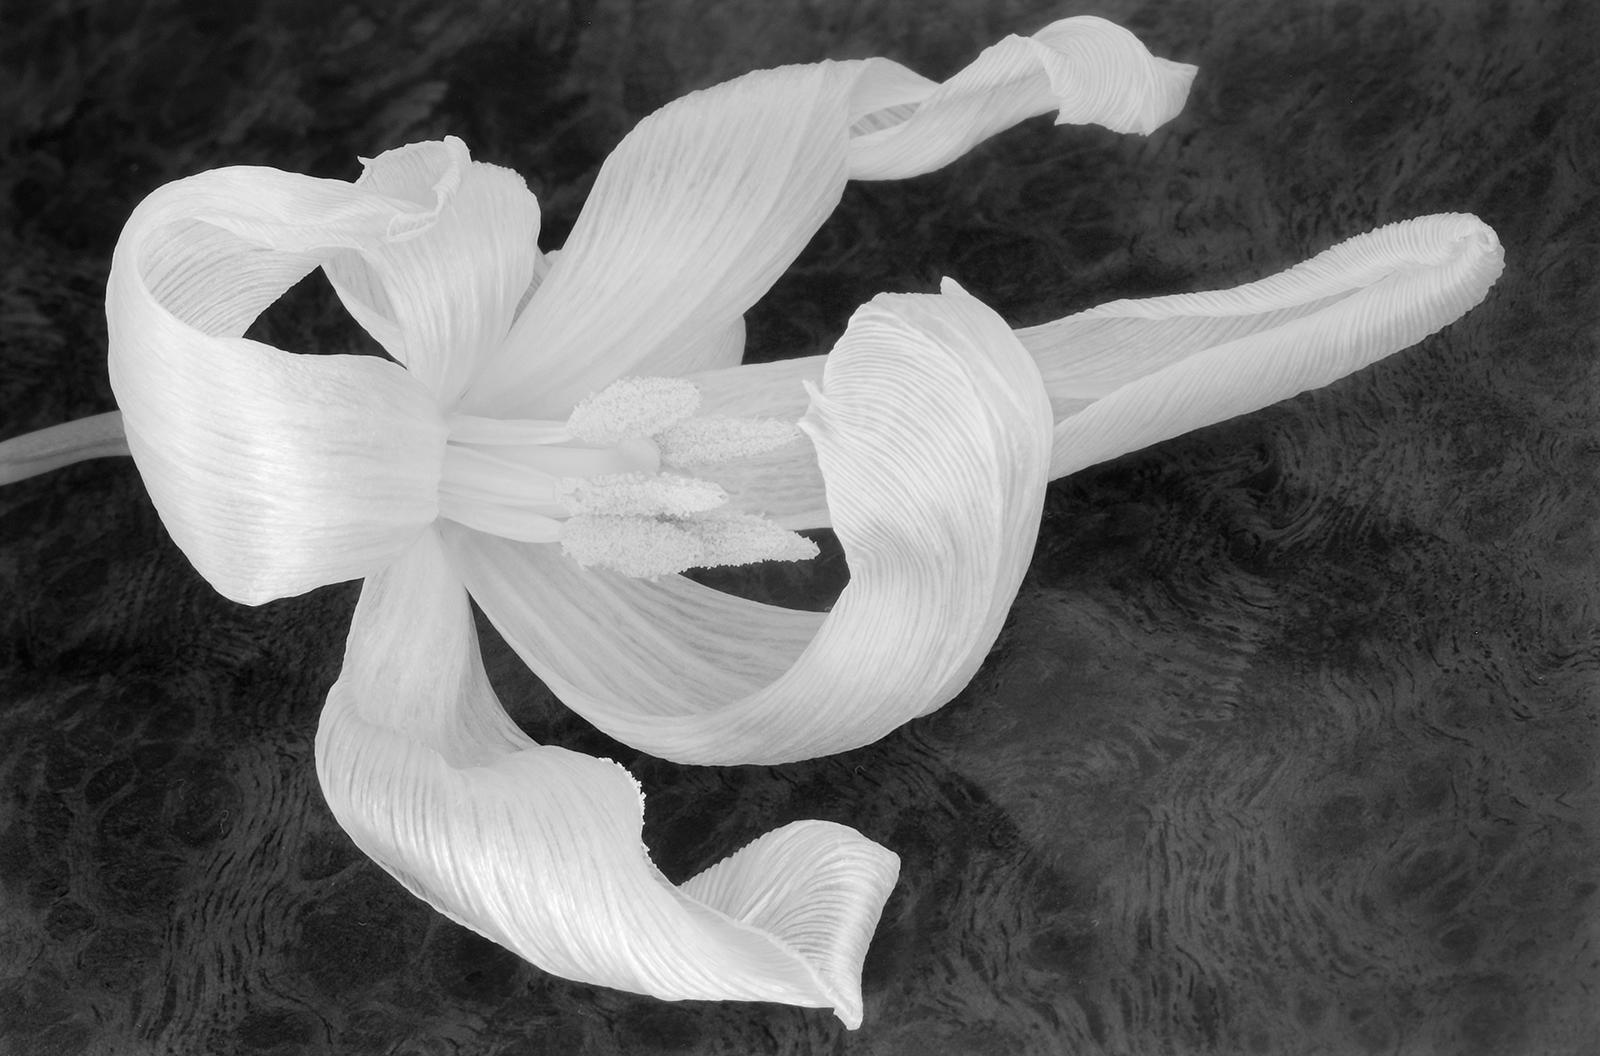 1-Tulip detail